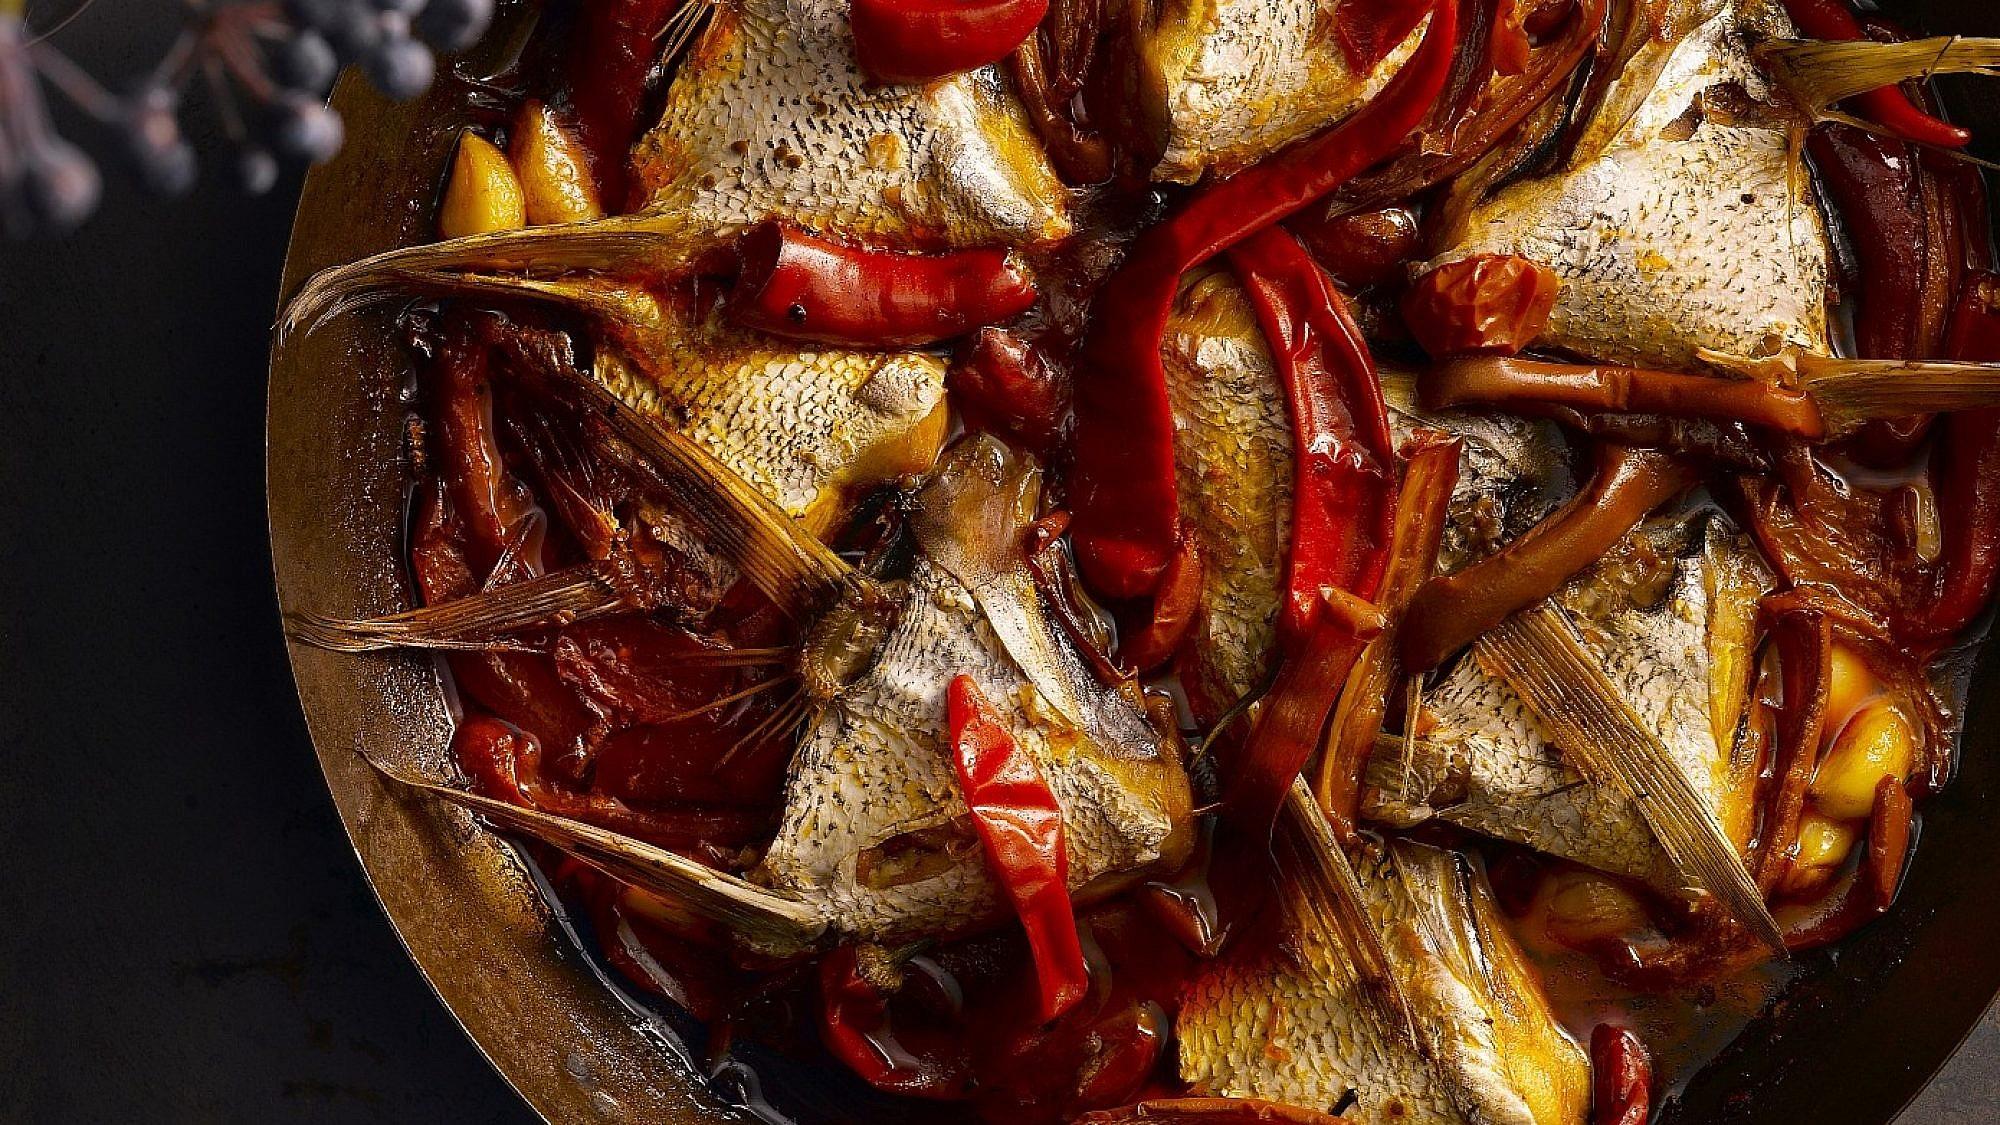 דג מרוקאי עם כנפיים של שף יחיאל זינו. צילום: רונן מנגן. סטיילינג: דלית רוסו